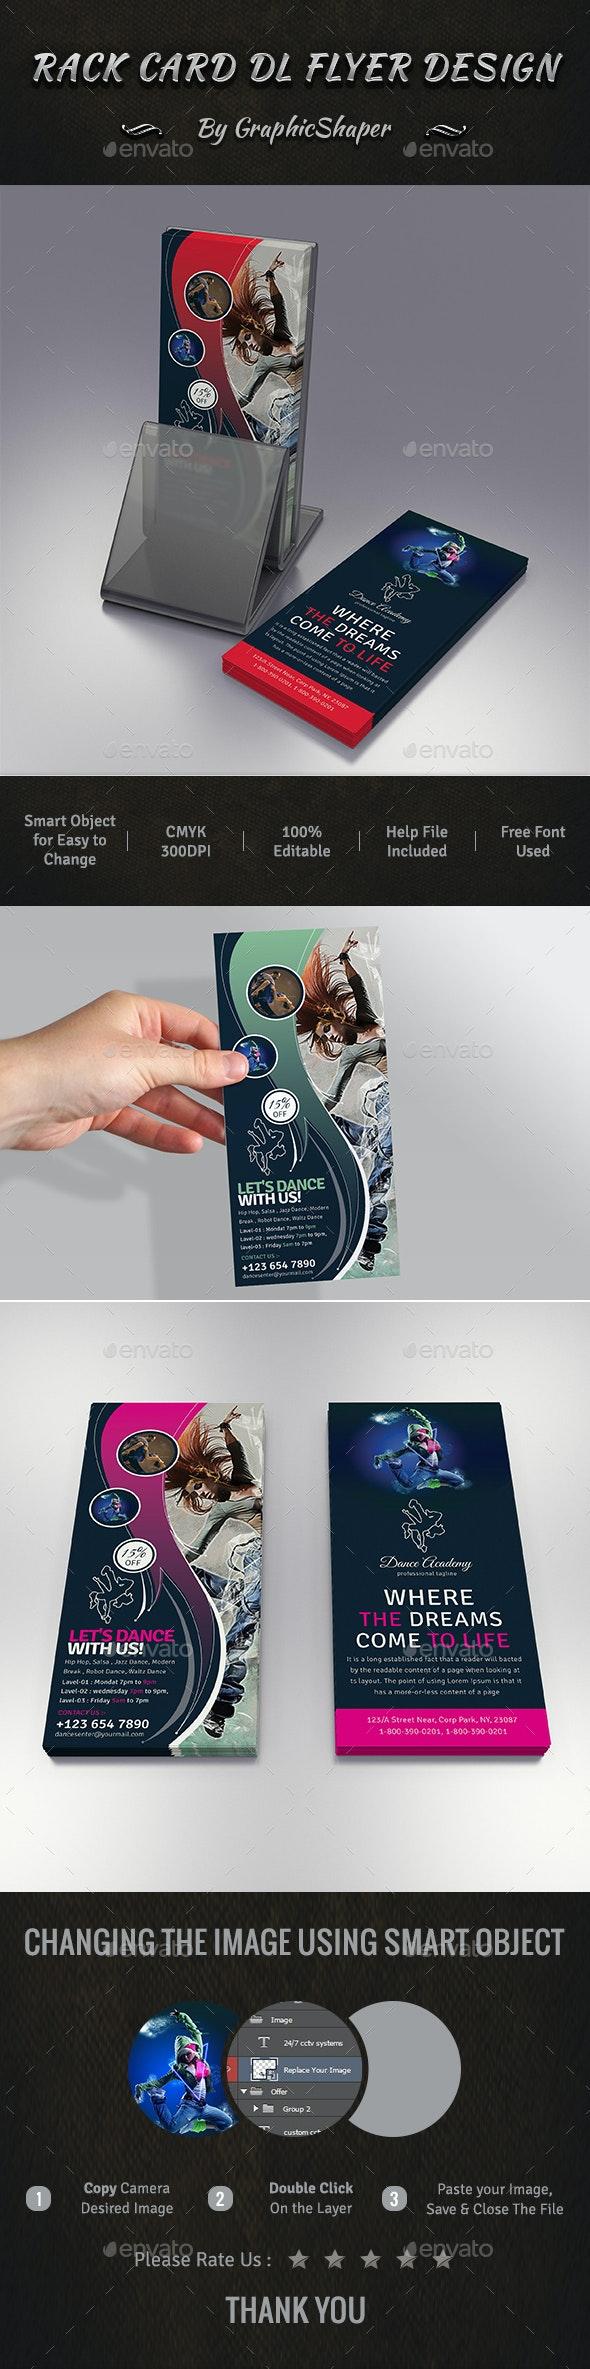 Rack Card DL Flyer Design - Commerce Flyers